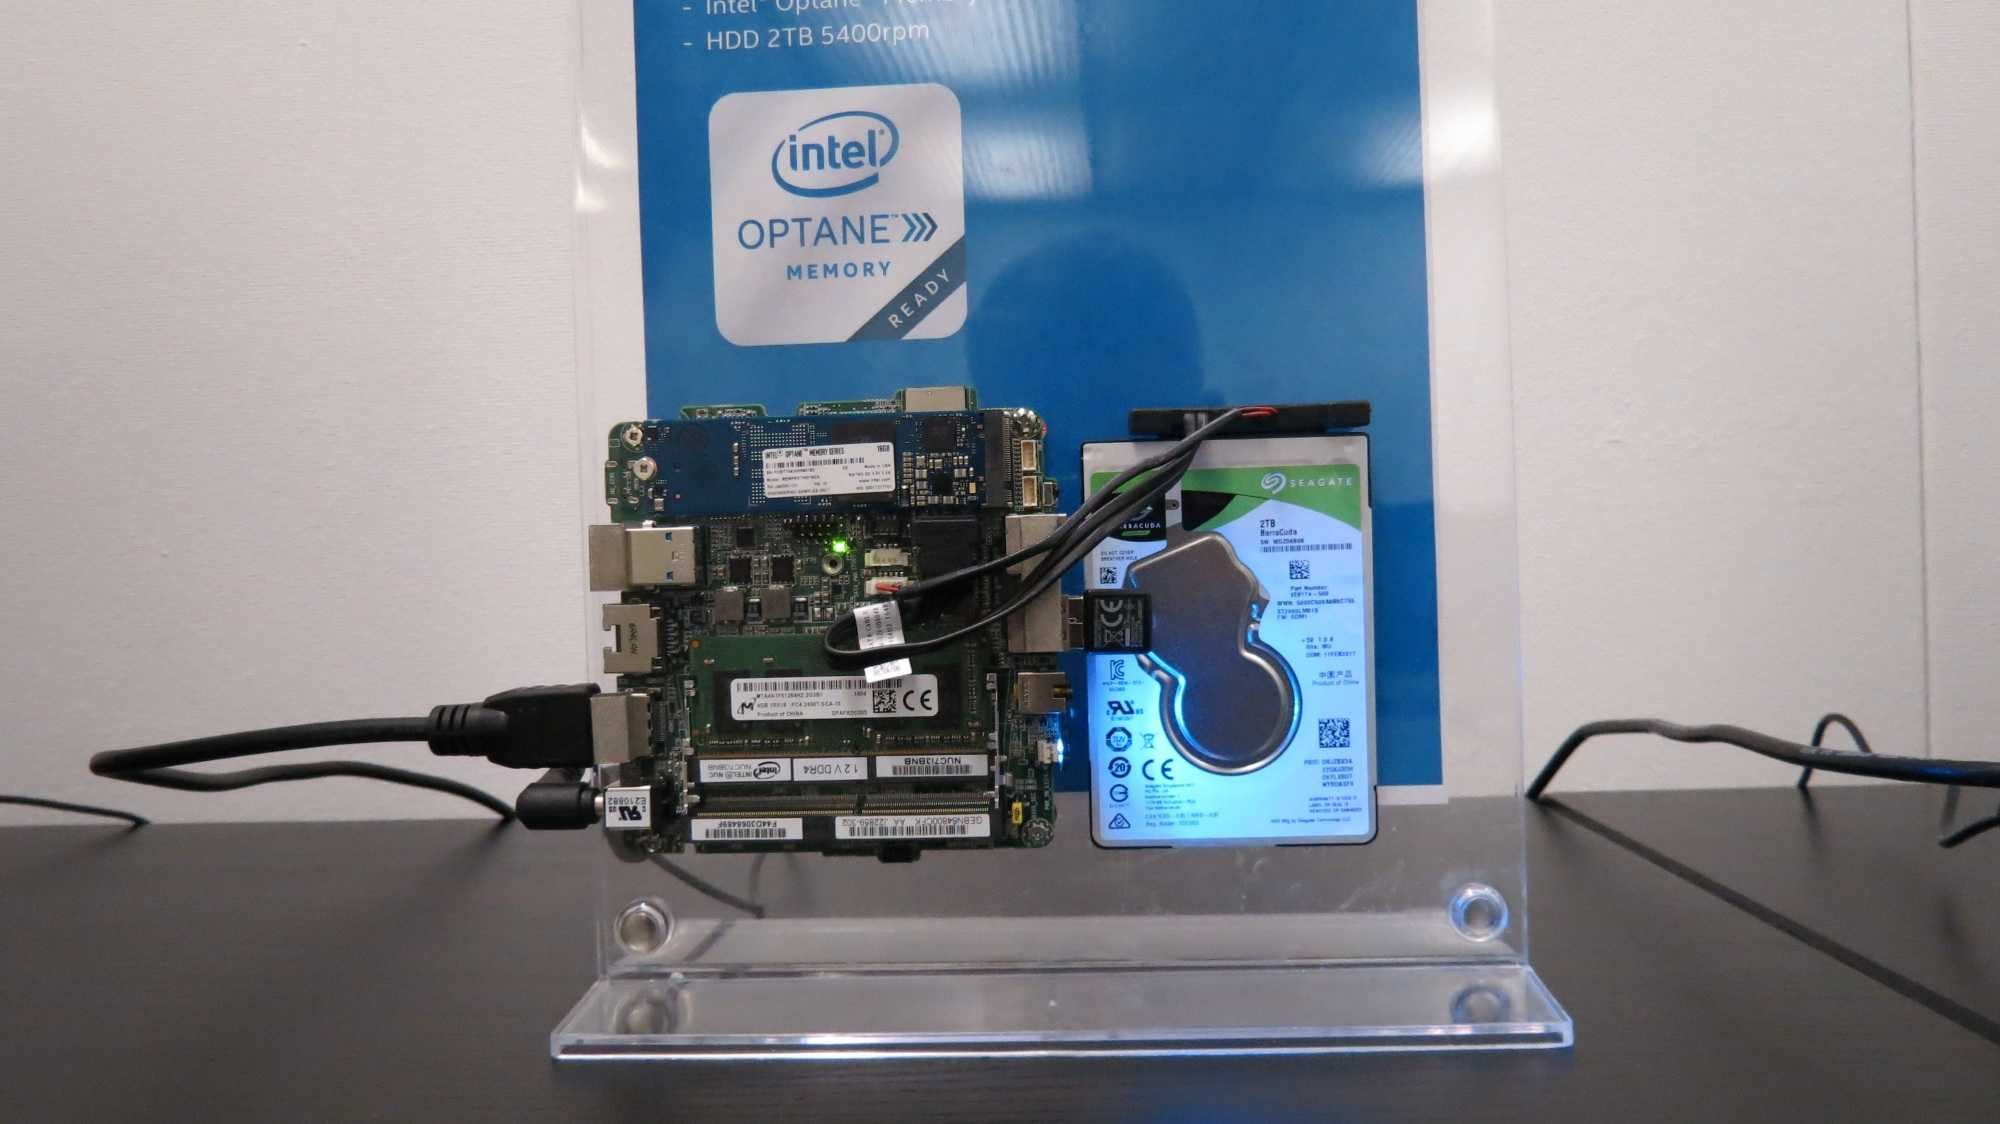 Showcase auf der CeBIT: Intel nutzt 3D XPoint als Beschleuniger für Desktop-Systeme.